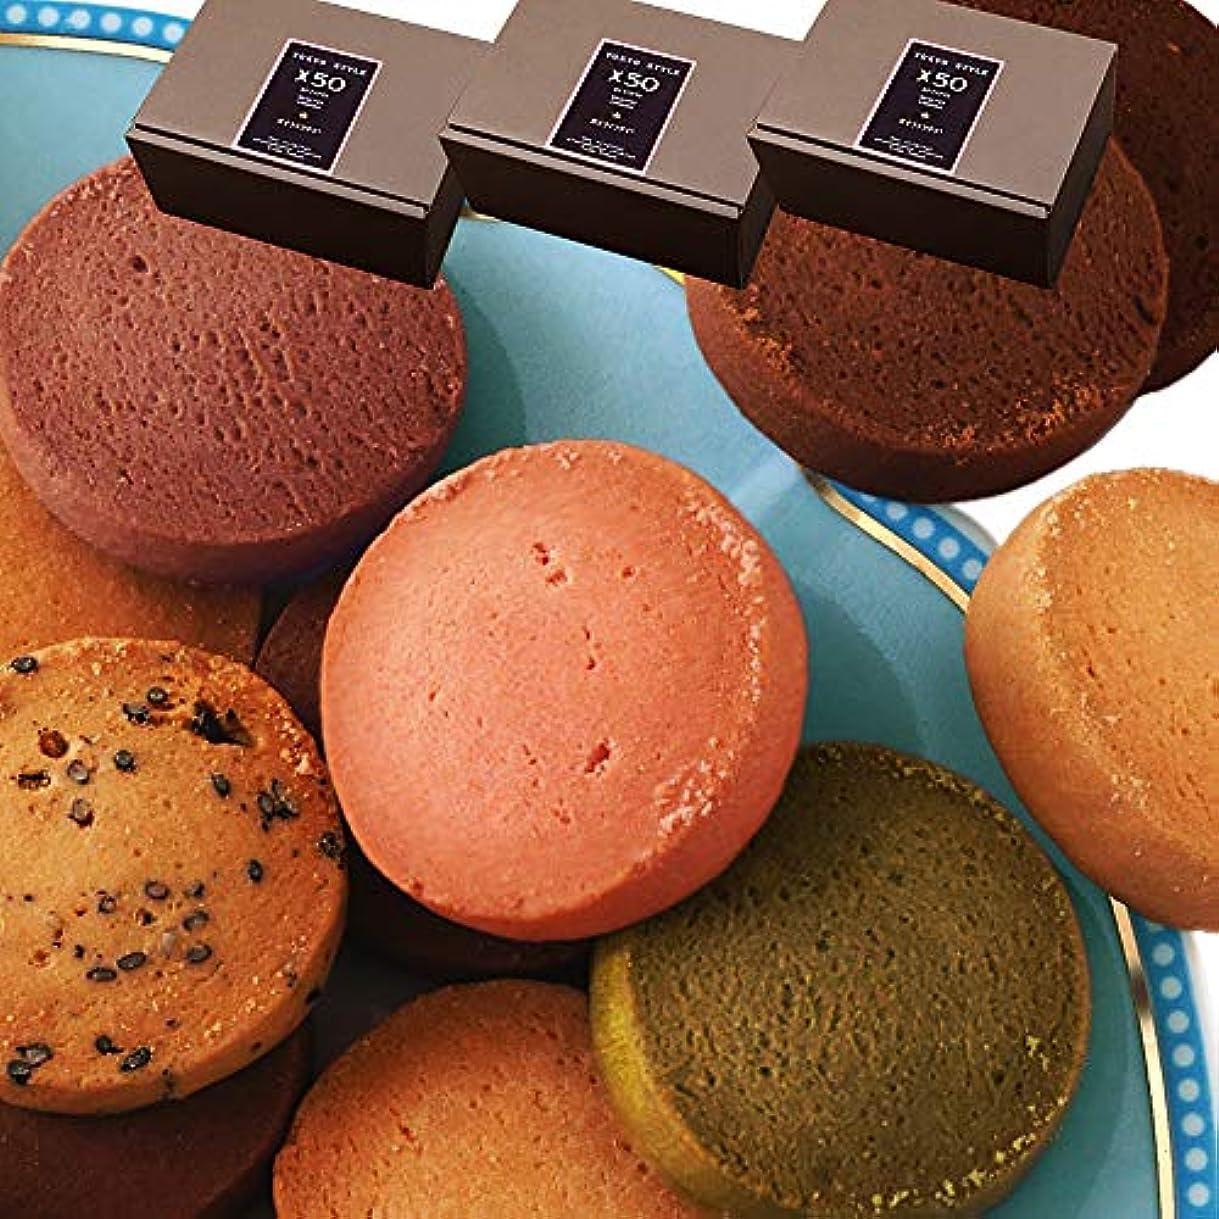 宇宙のフィードバック梨【ダイエット 1食分の個包装】豆乳おからマンナンクッキー TOKYO 洋菓子店のテイスト 18食(6種×3袋)×3箱おまとめ